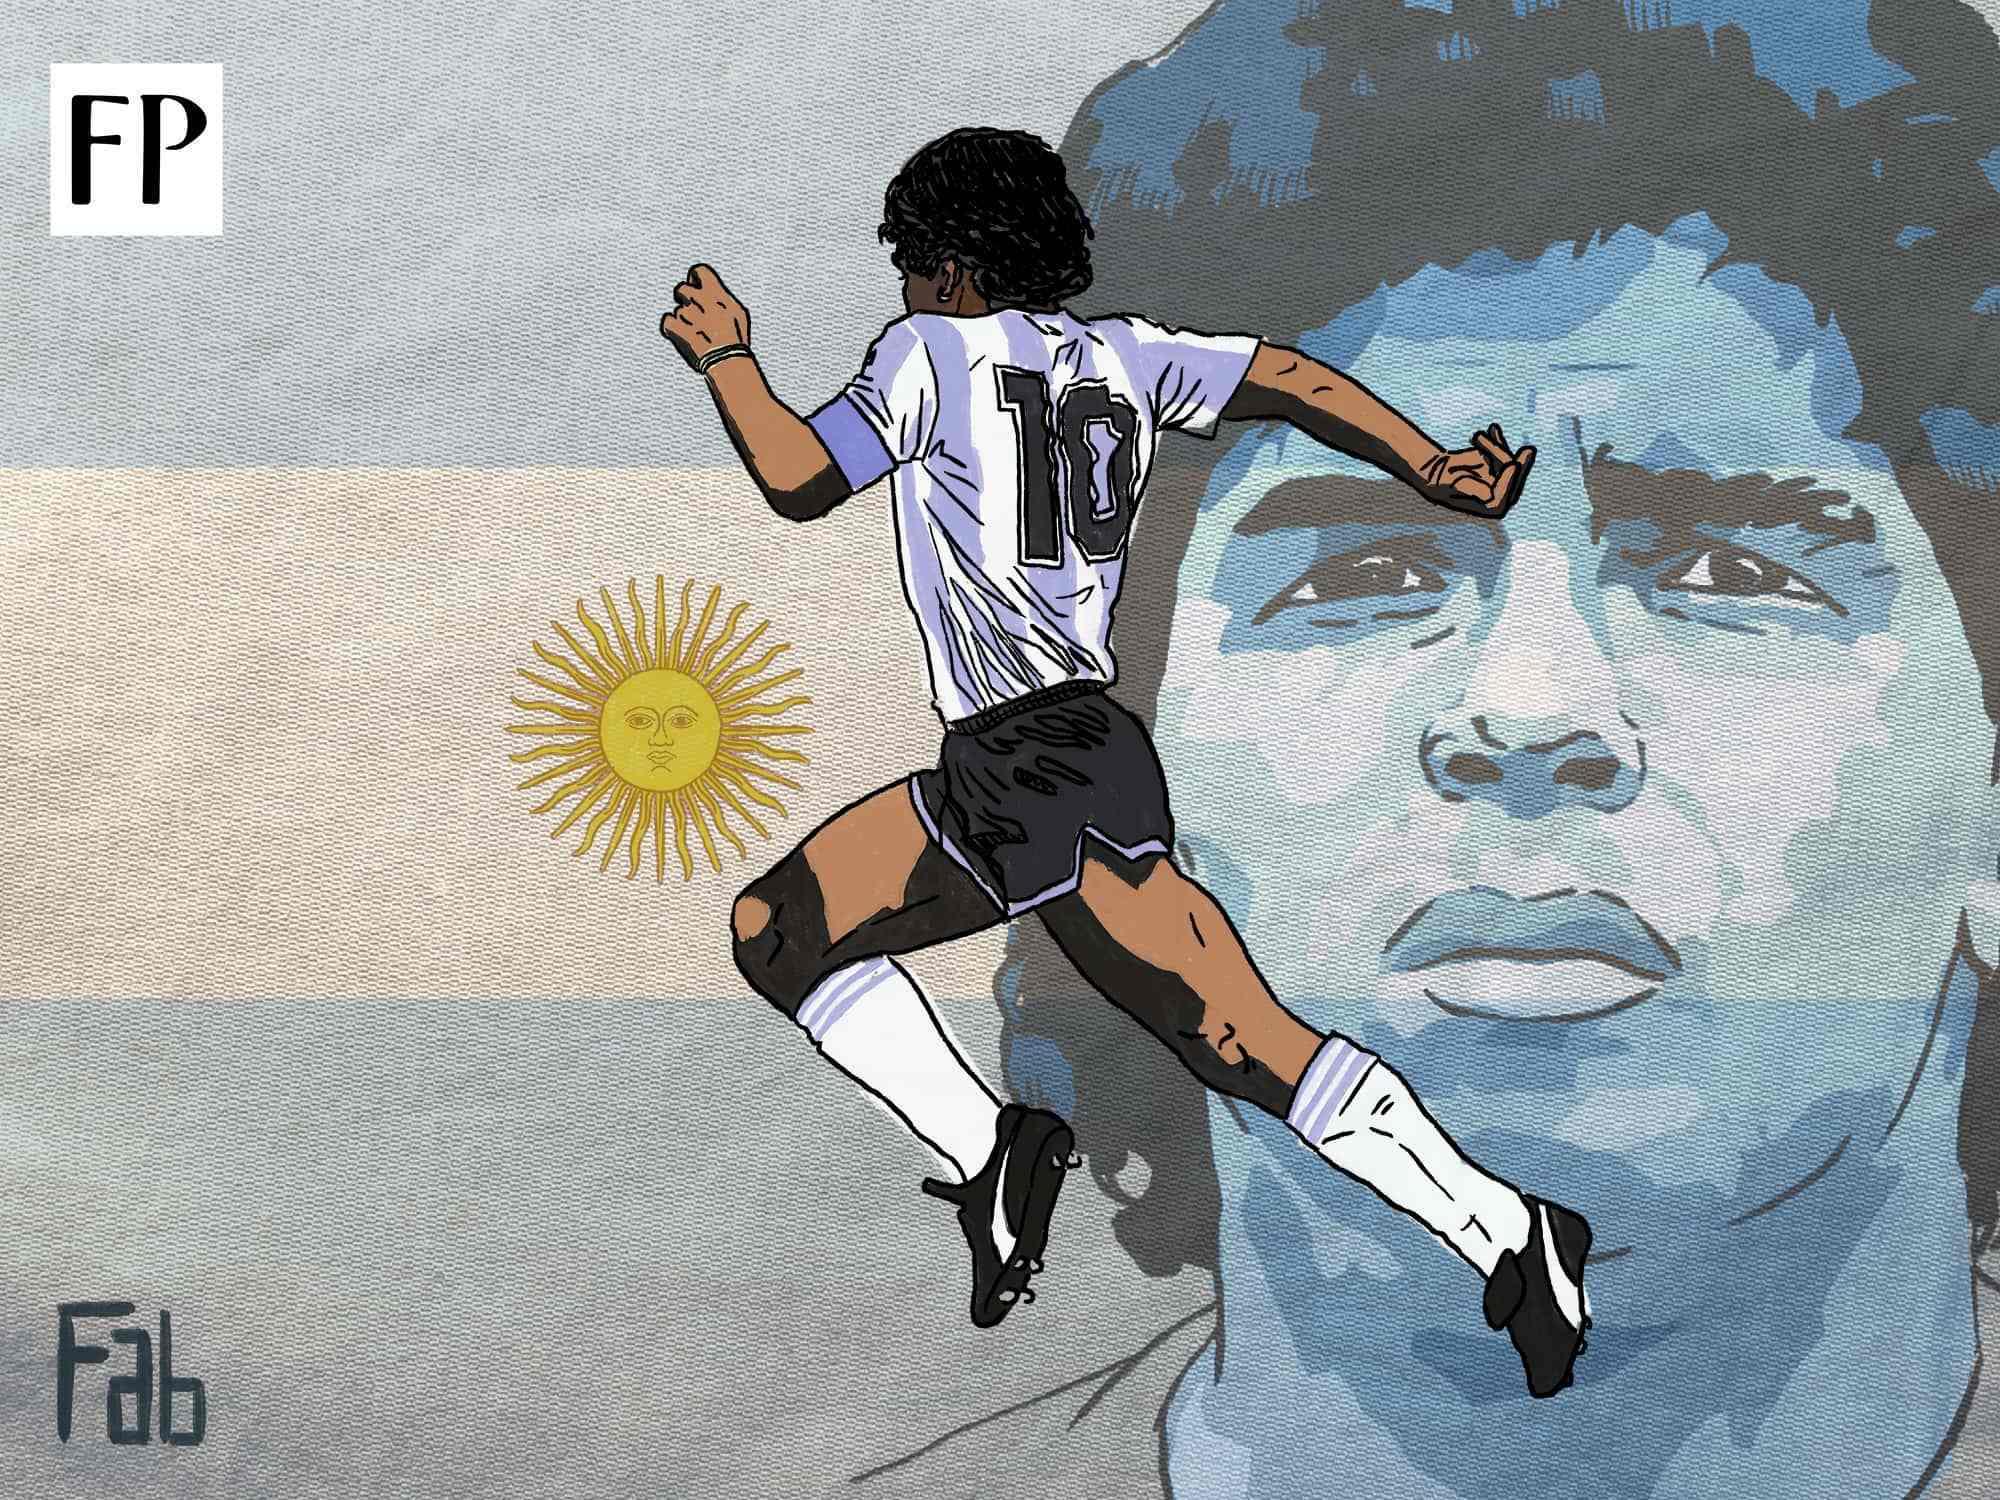 FP_Art_Maradona_Argentina_2018_v2.jpg